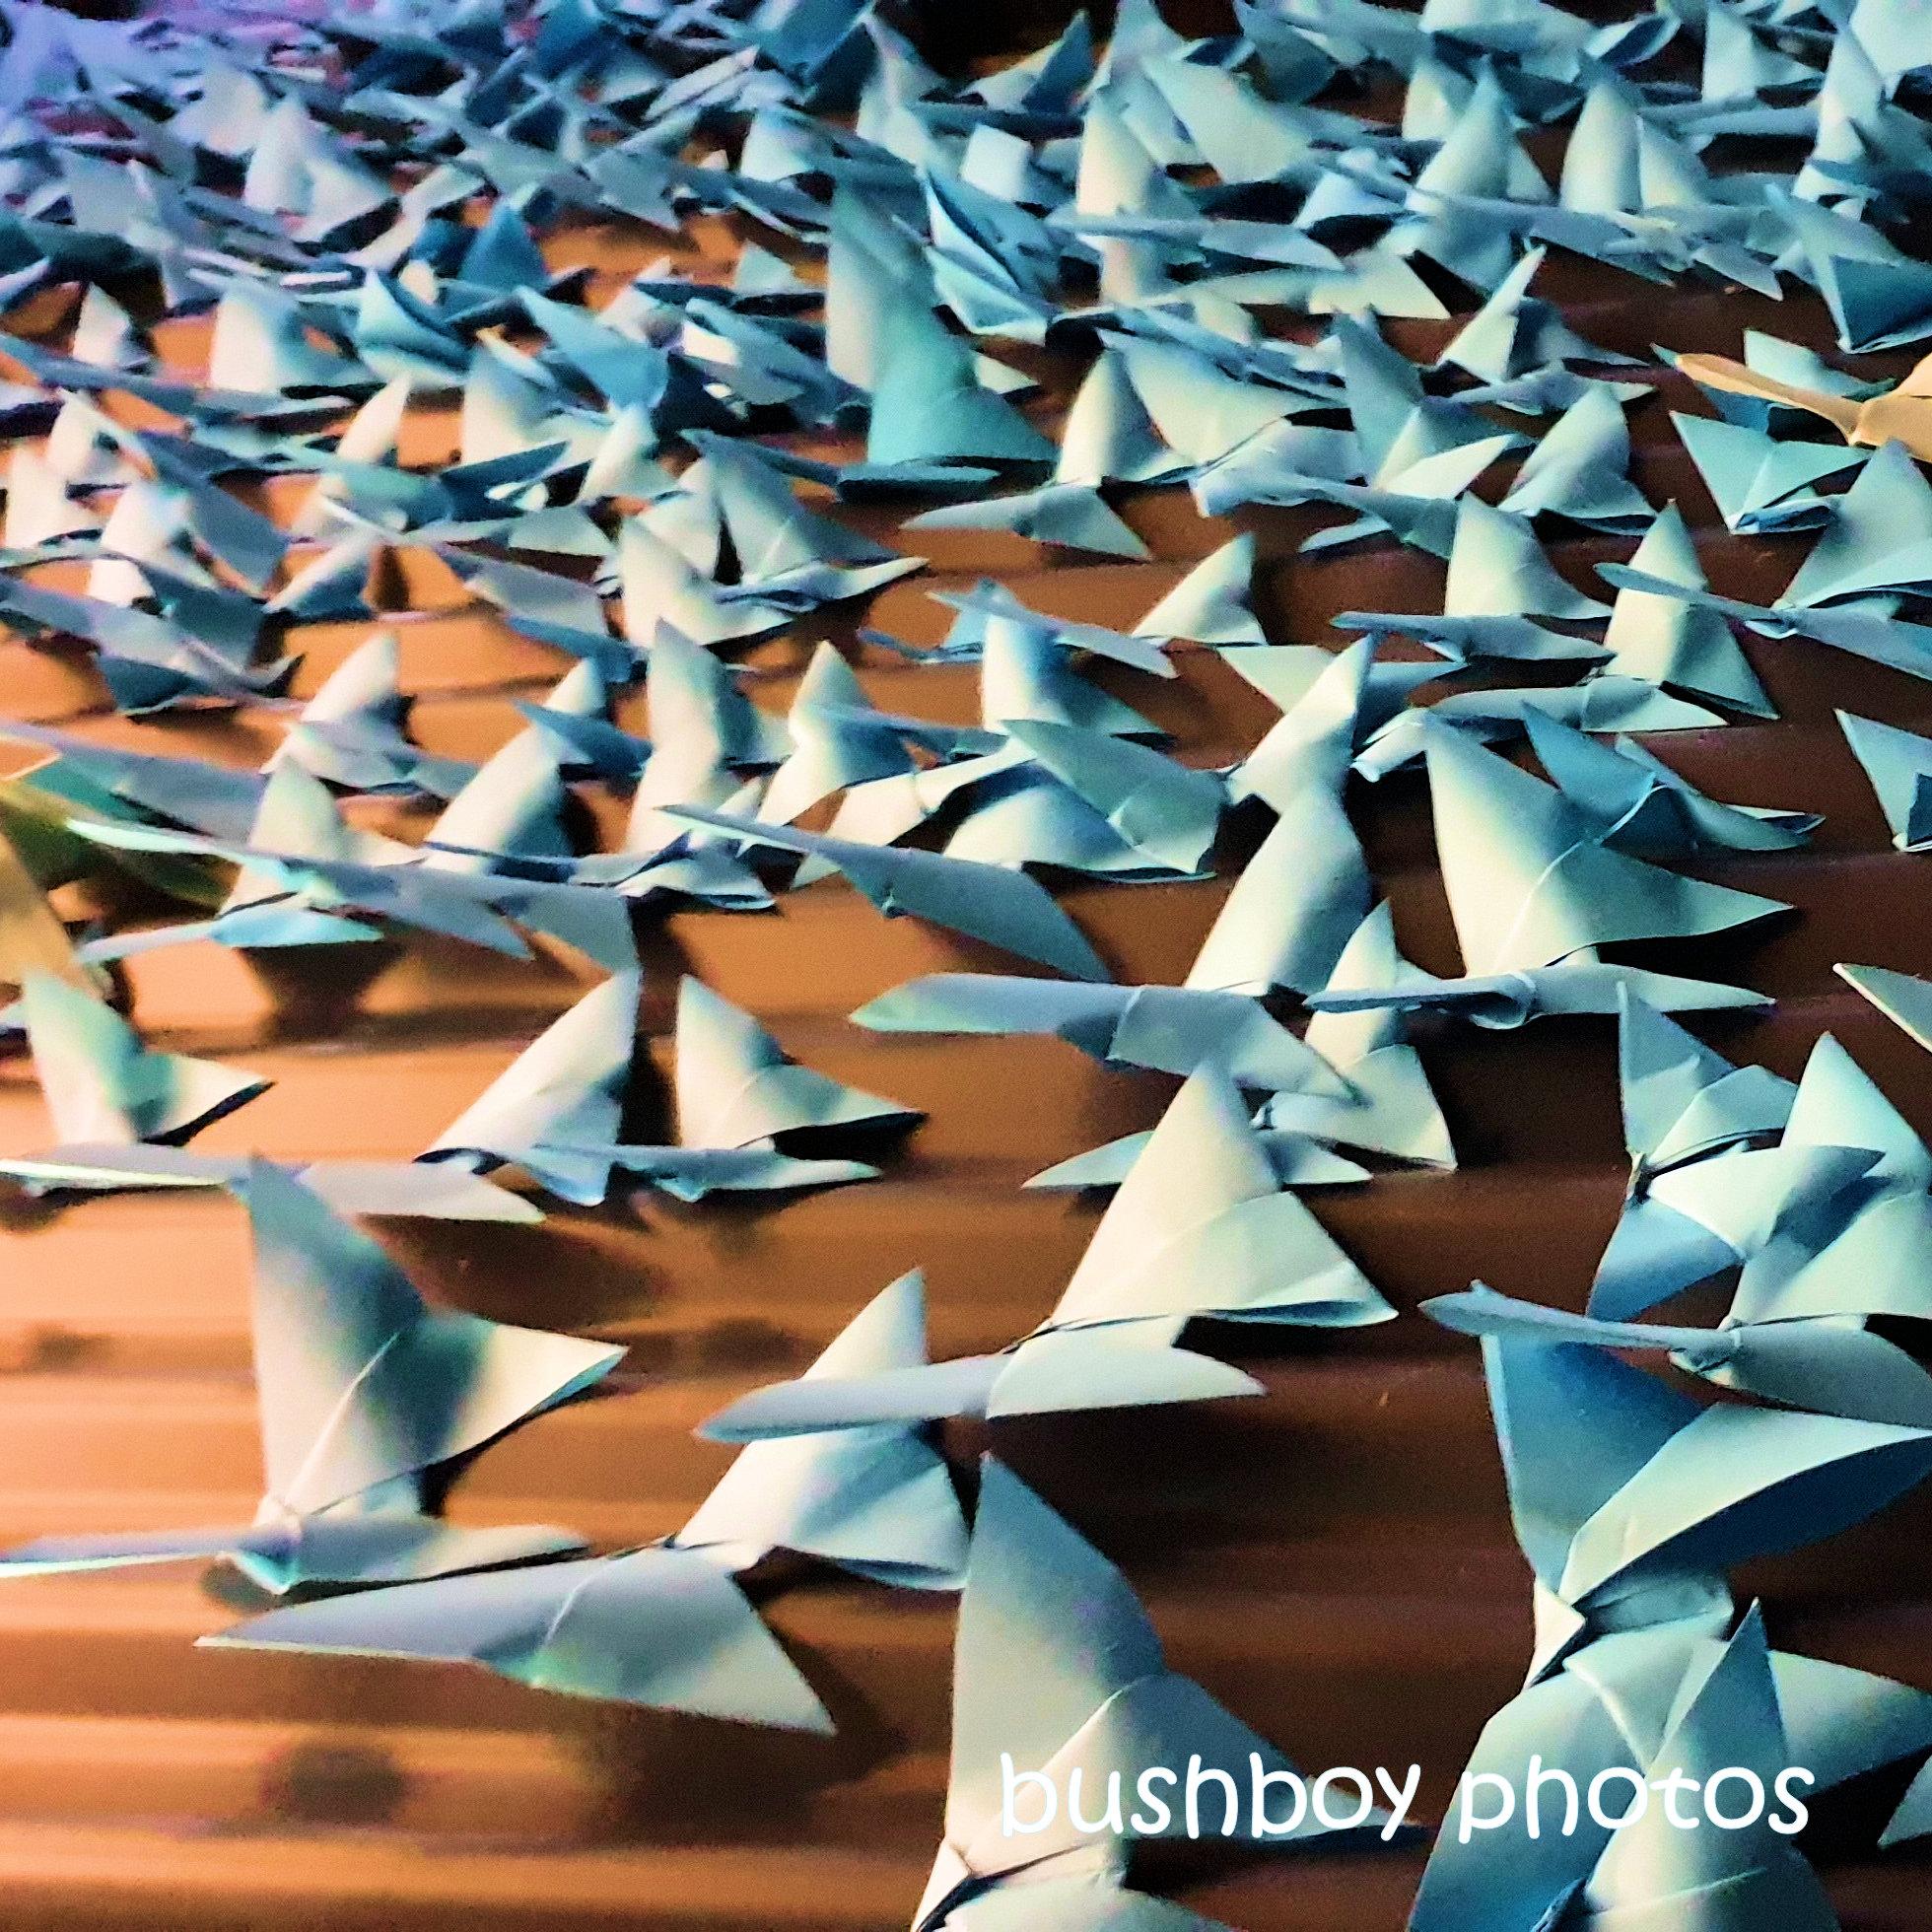 190718_blog_challenge_blue_butterflies_paper_art